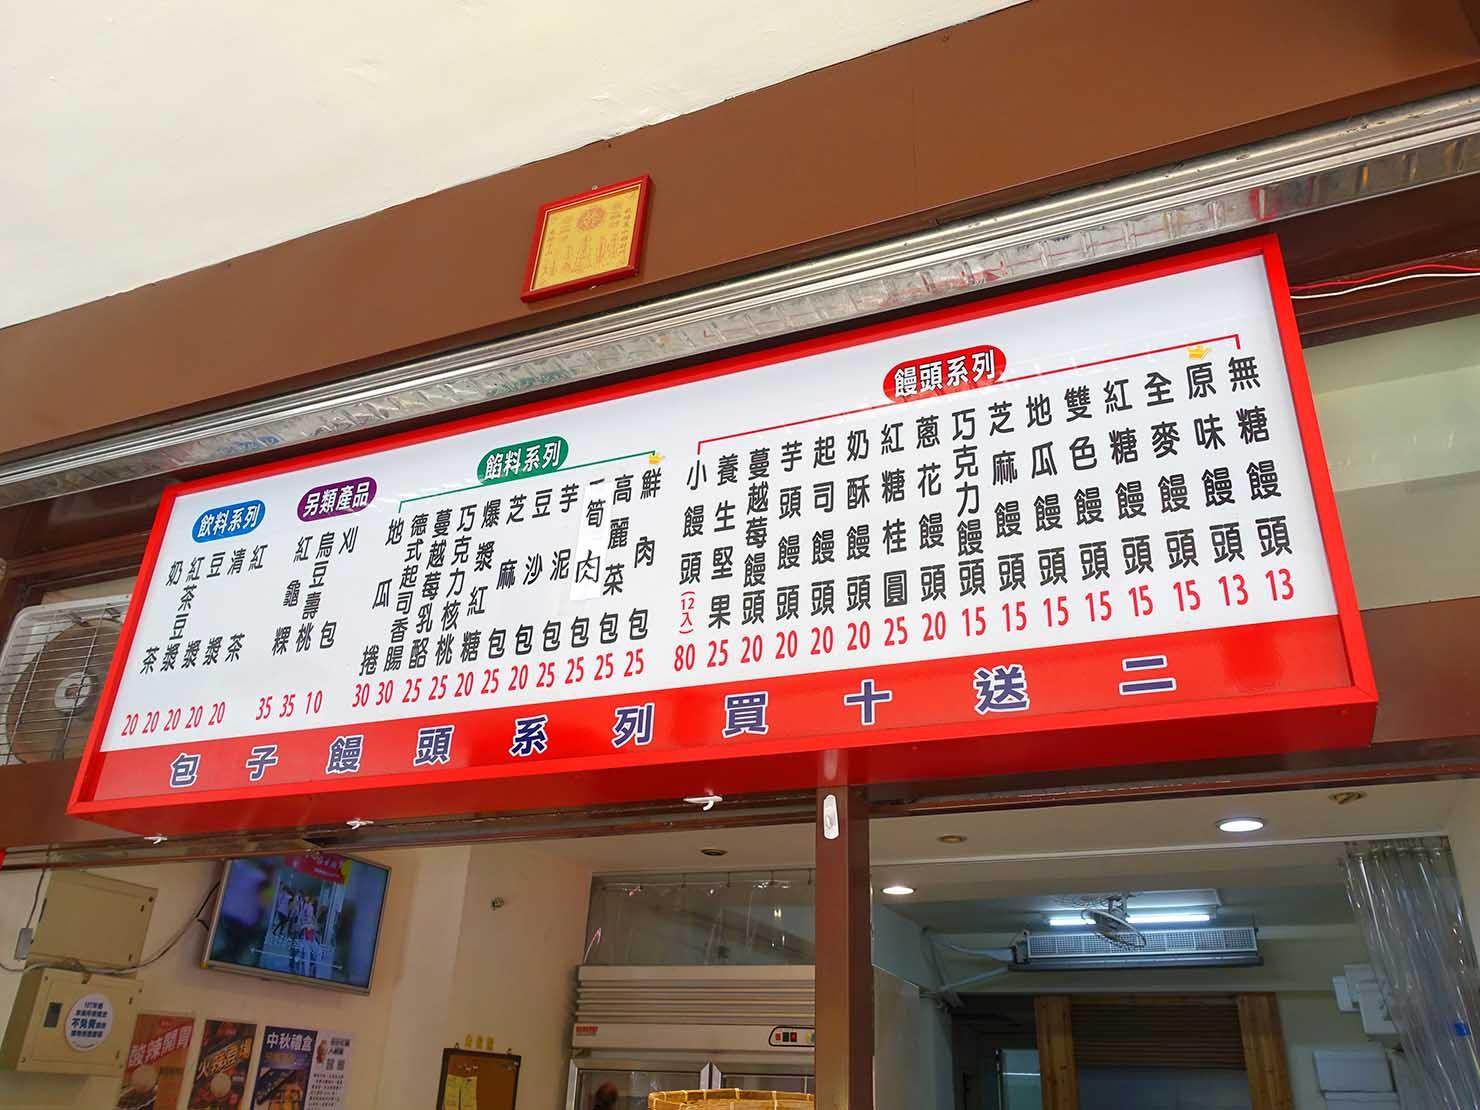 台北・善導寺のおすすめグルメ店「鼎香園手感老麵包子饅頭」のメニュー